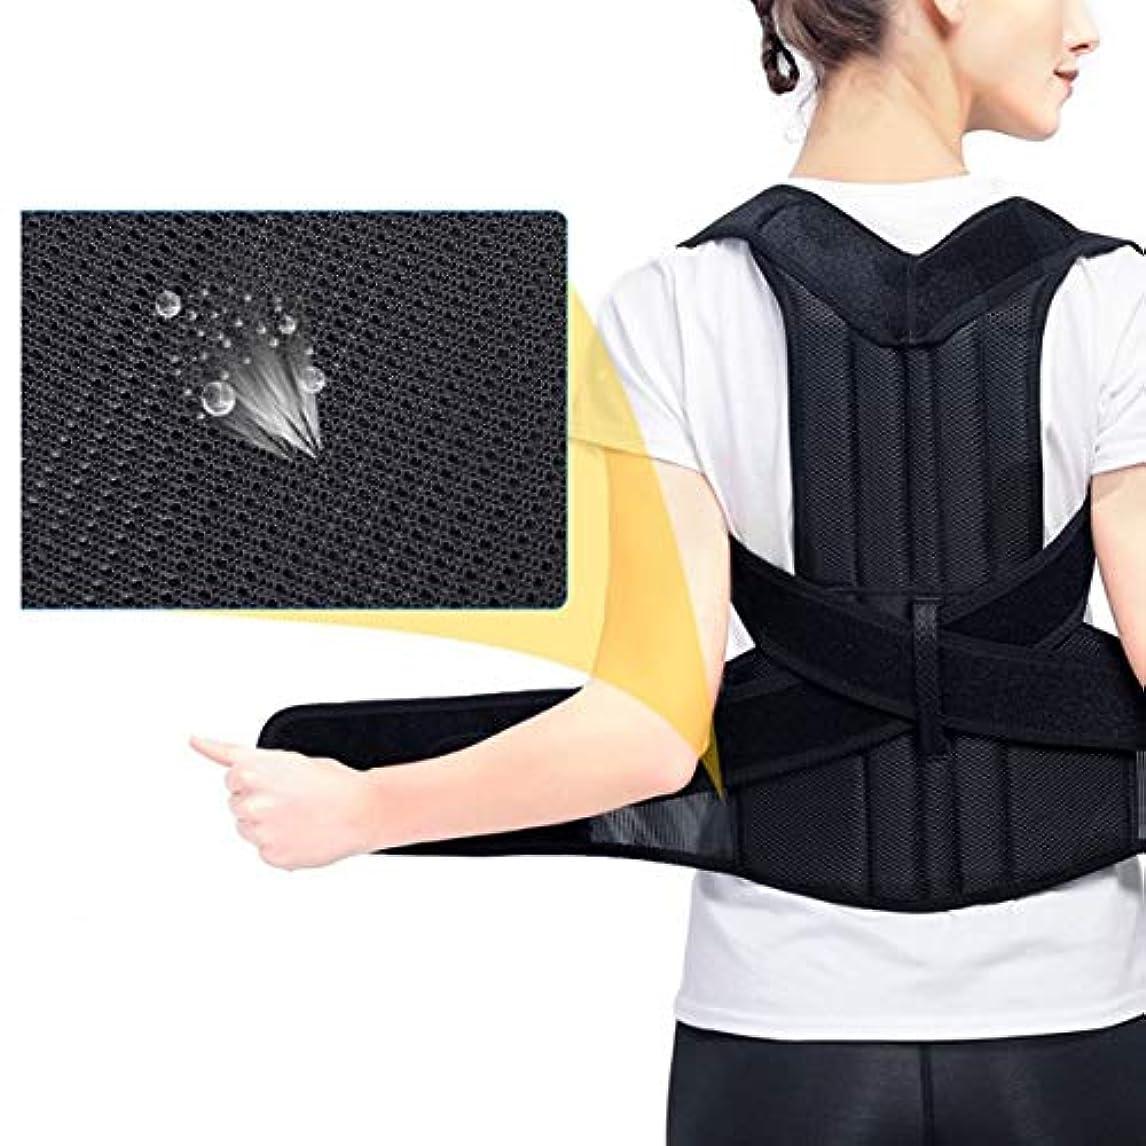 まとめるデコードする苦難腰椎矯正バックブレース背骨装具側弯症腰椎サポート脊椎湾曲装具固定用姿勢 - 黒